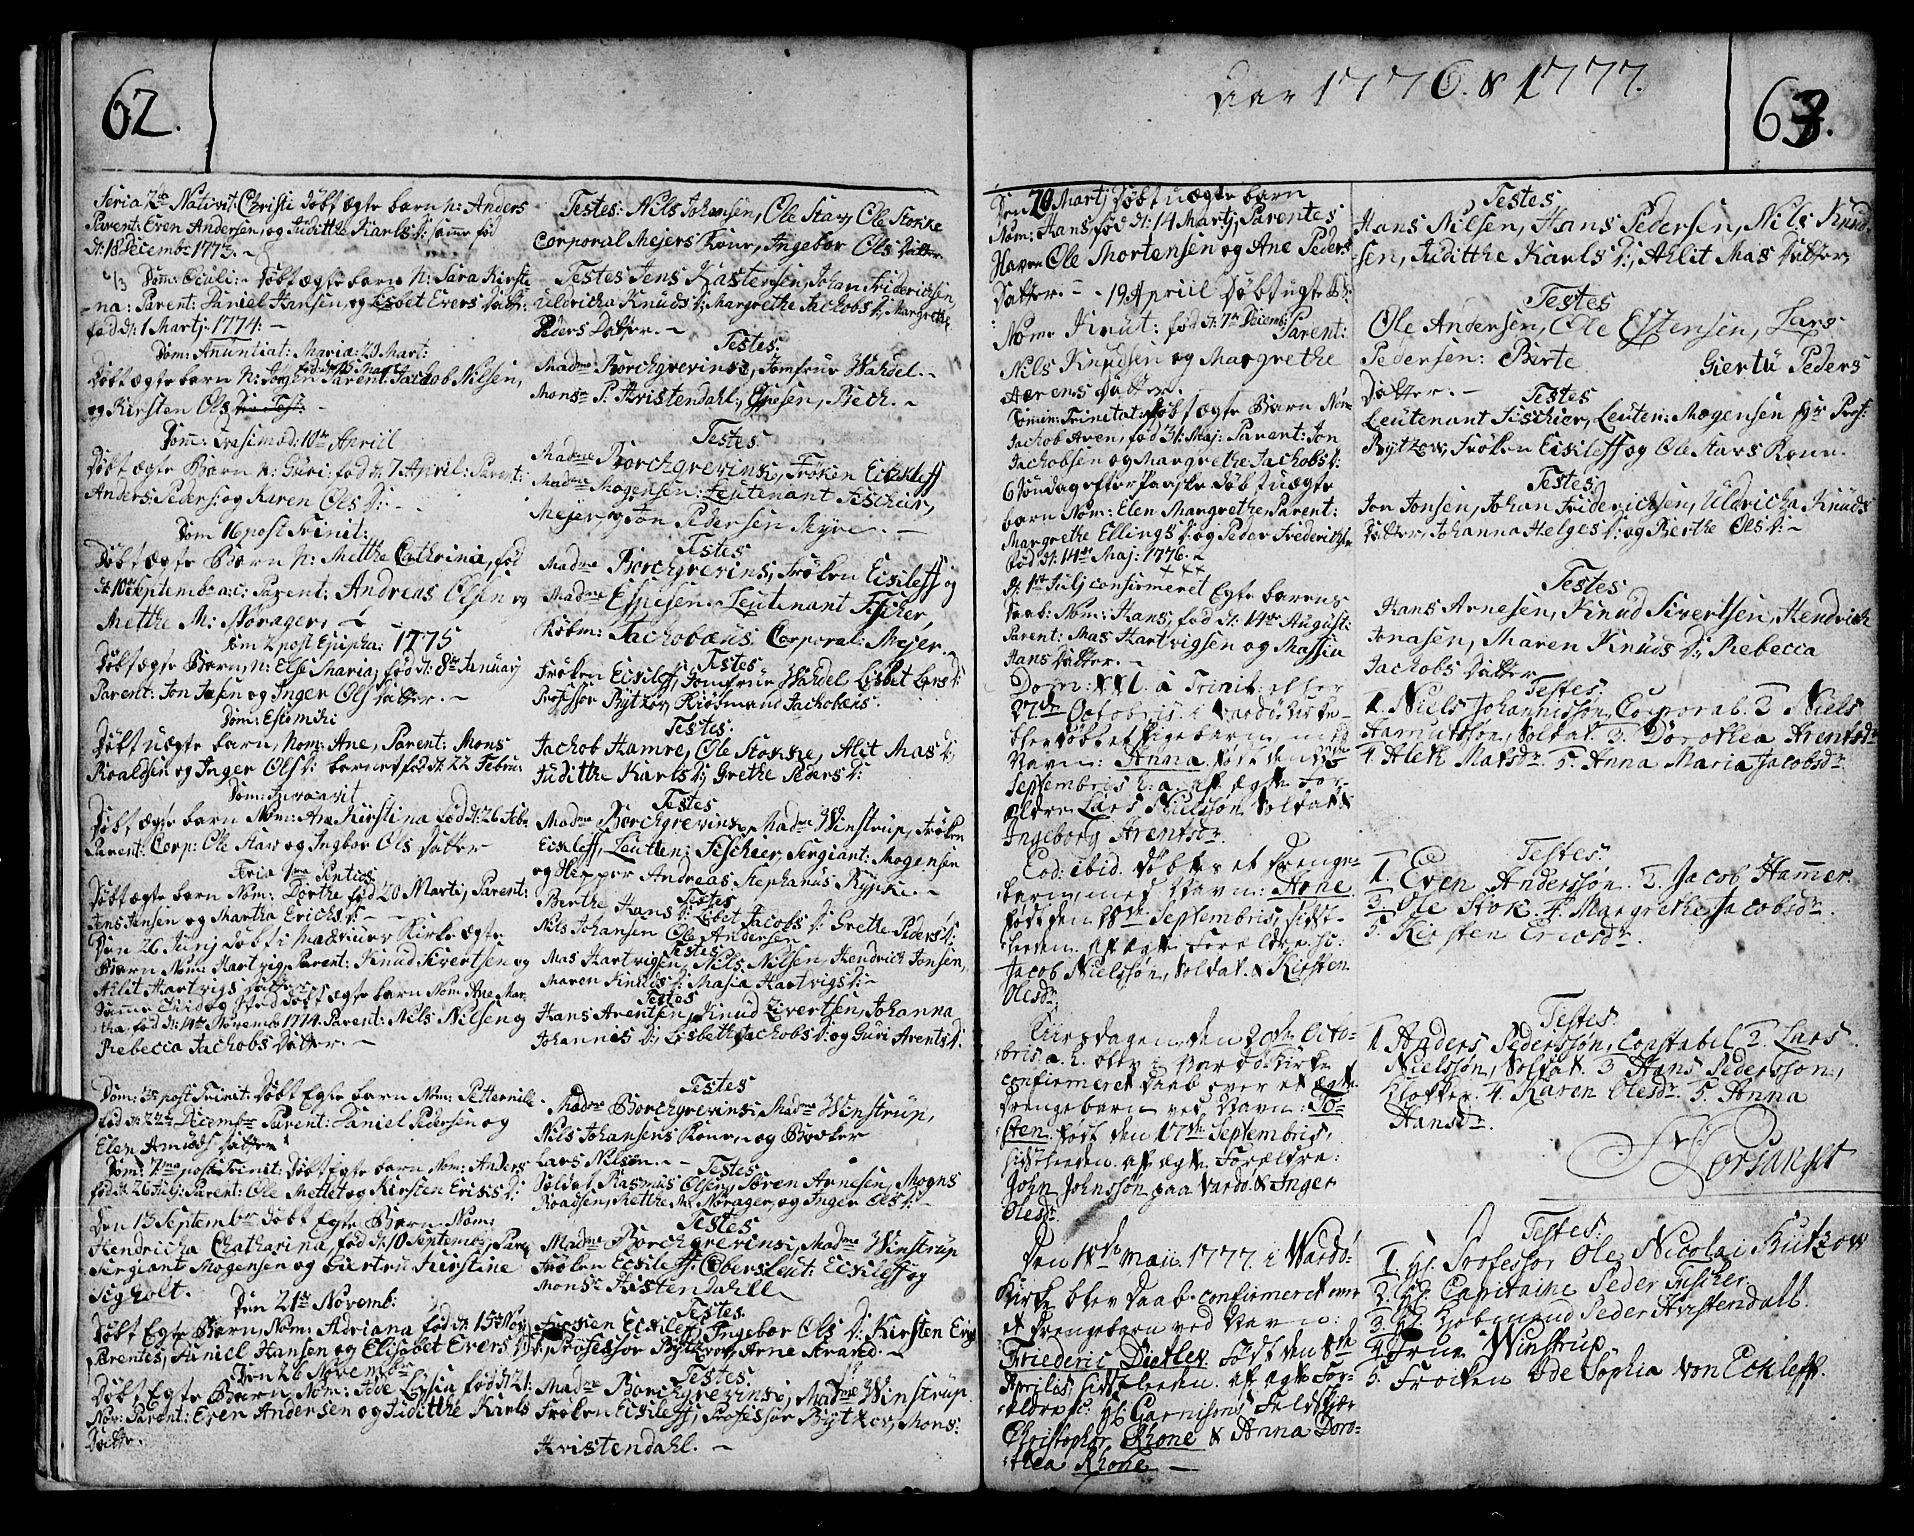 SATØ, Vardø sokneprestkontor, H/Ha/L0001kirke: Ministerialbok nr. 1, 1769-1804, s. 62-63